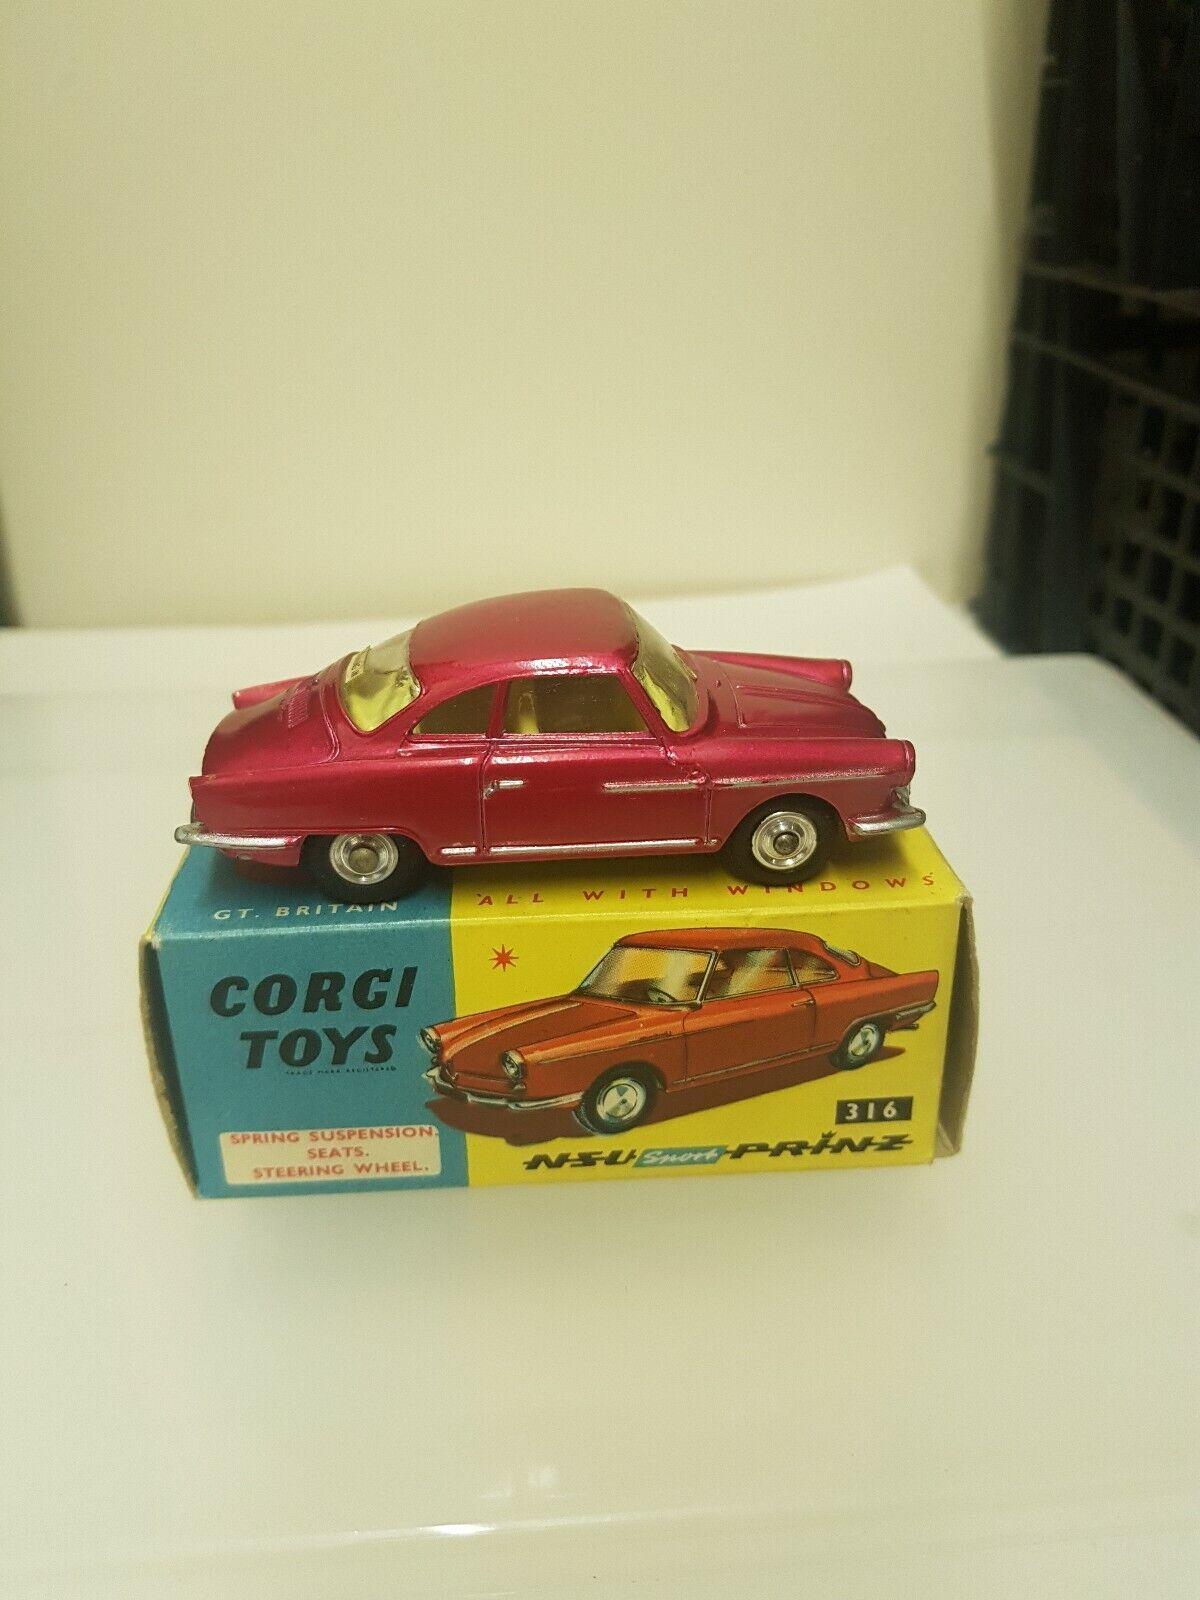 CORGI 316 NSU SPORT-PRINZ-NICE EXAMPLE